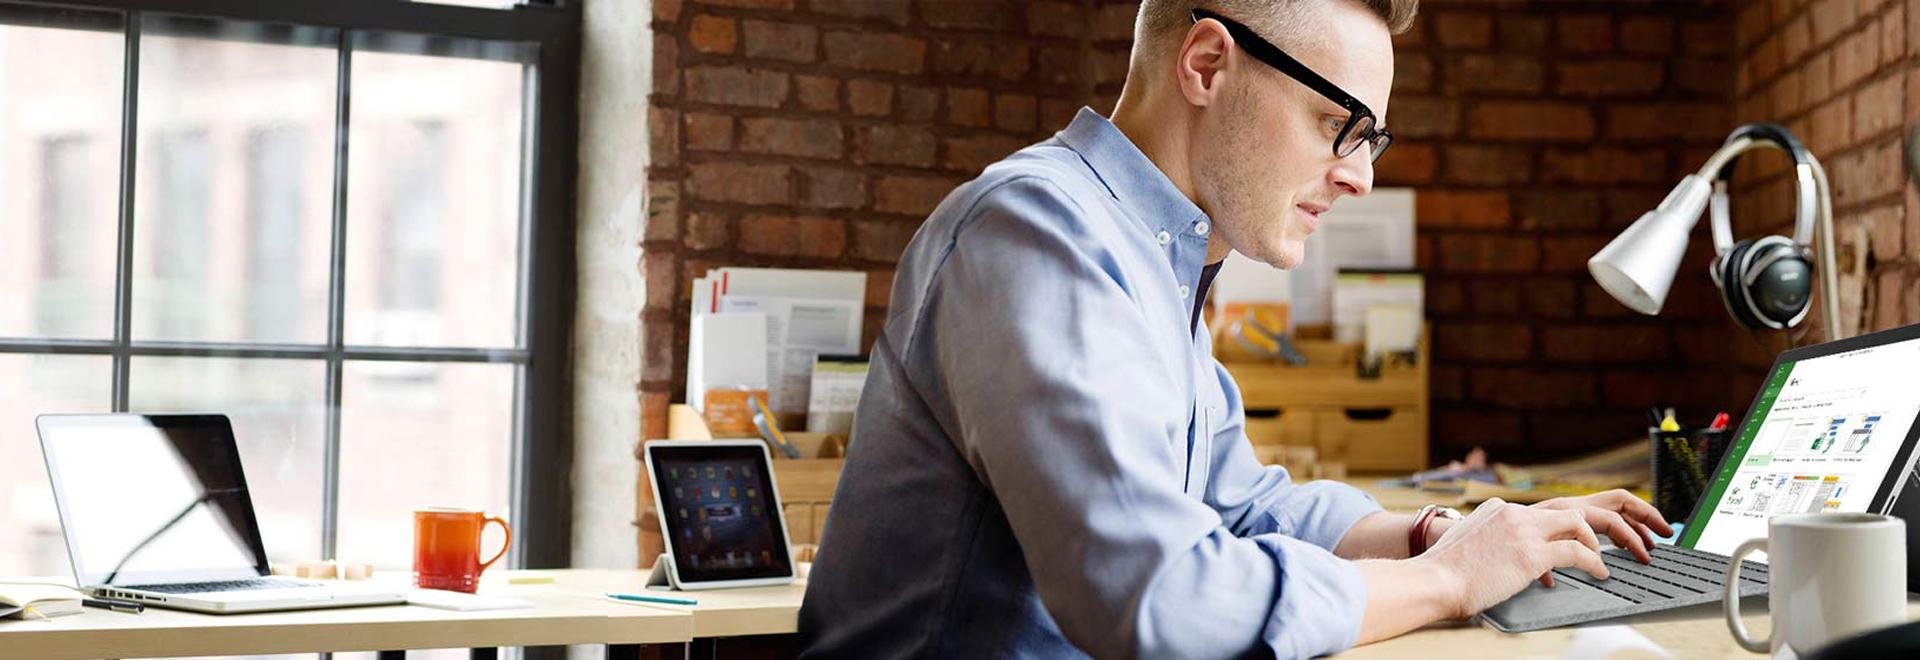 Một người đàn ông ngồi tại bàn và làm việc trên máy tính bảng Surface, sử dụng Microsoft Project.